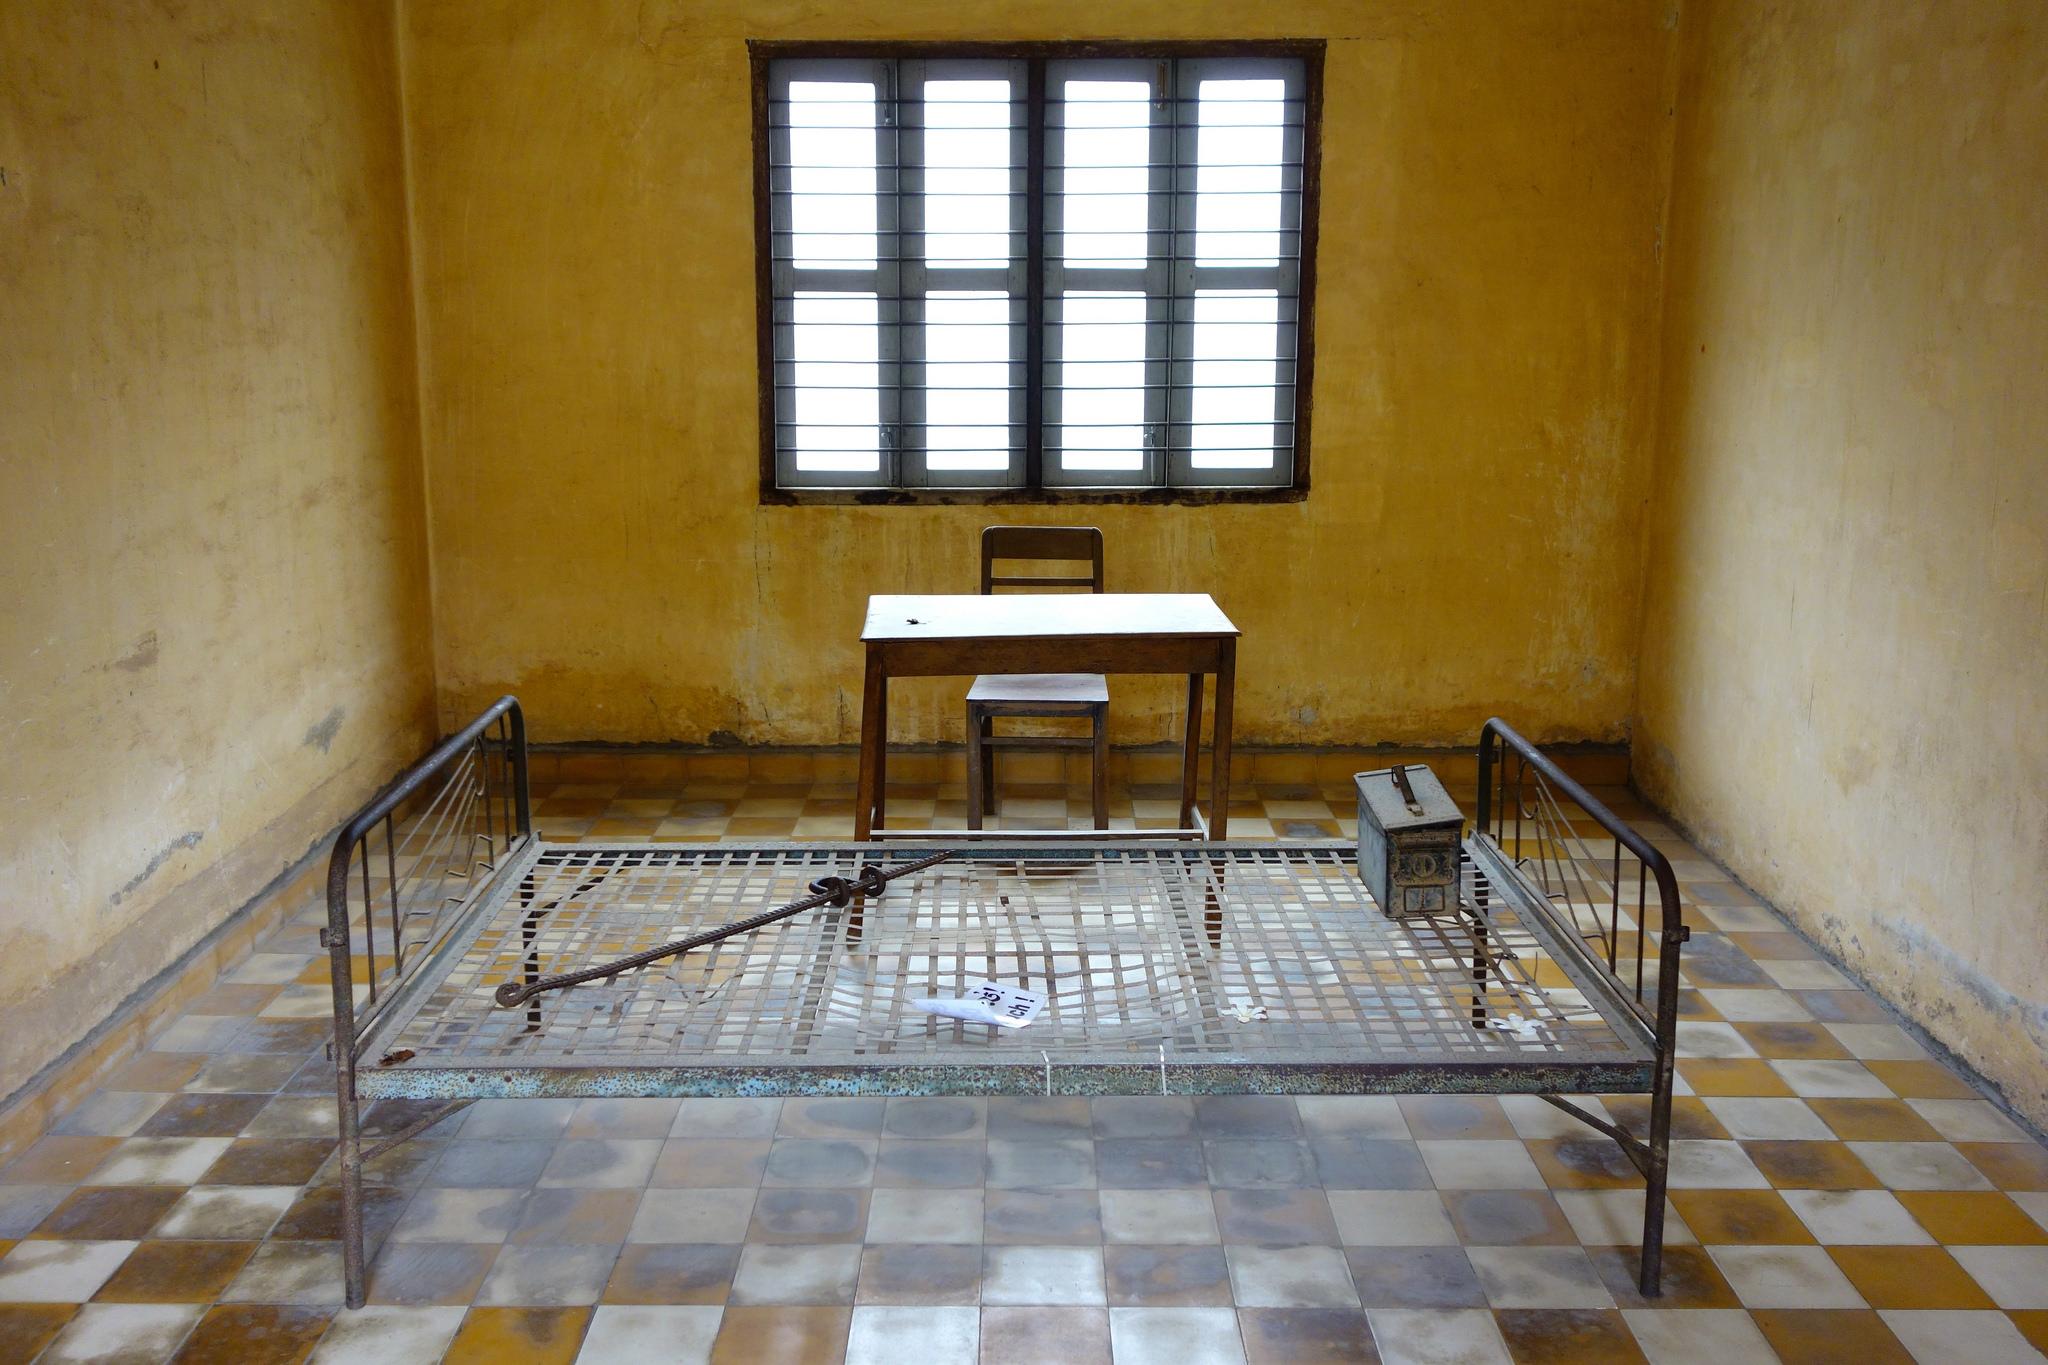 Una delle stanze delle torture nella prigione di Tuol Sleng, Phon Penh